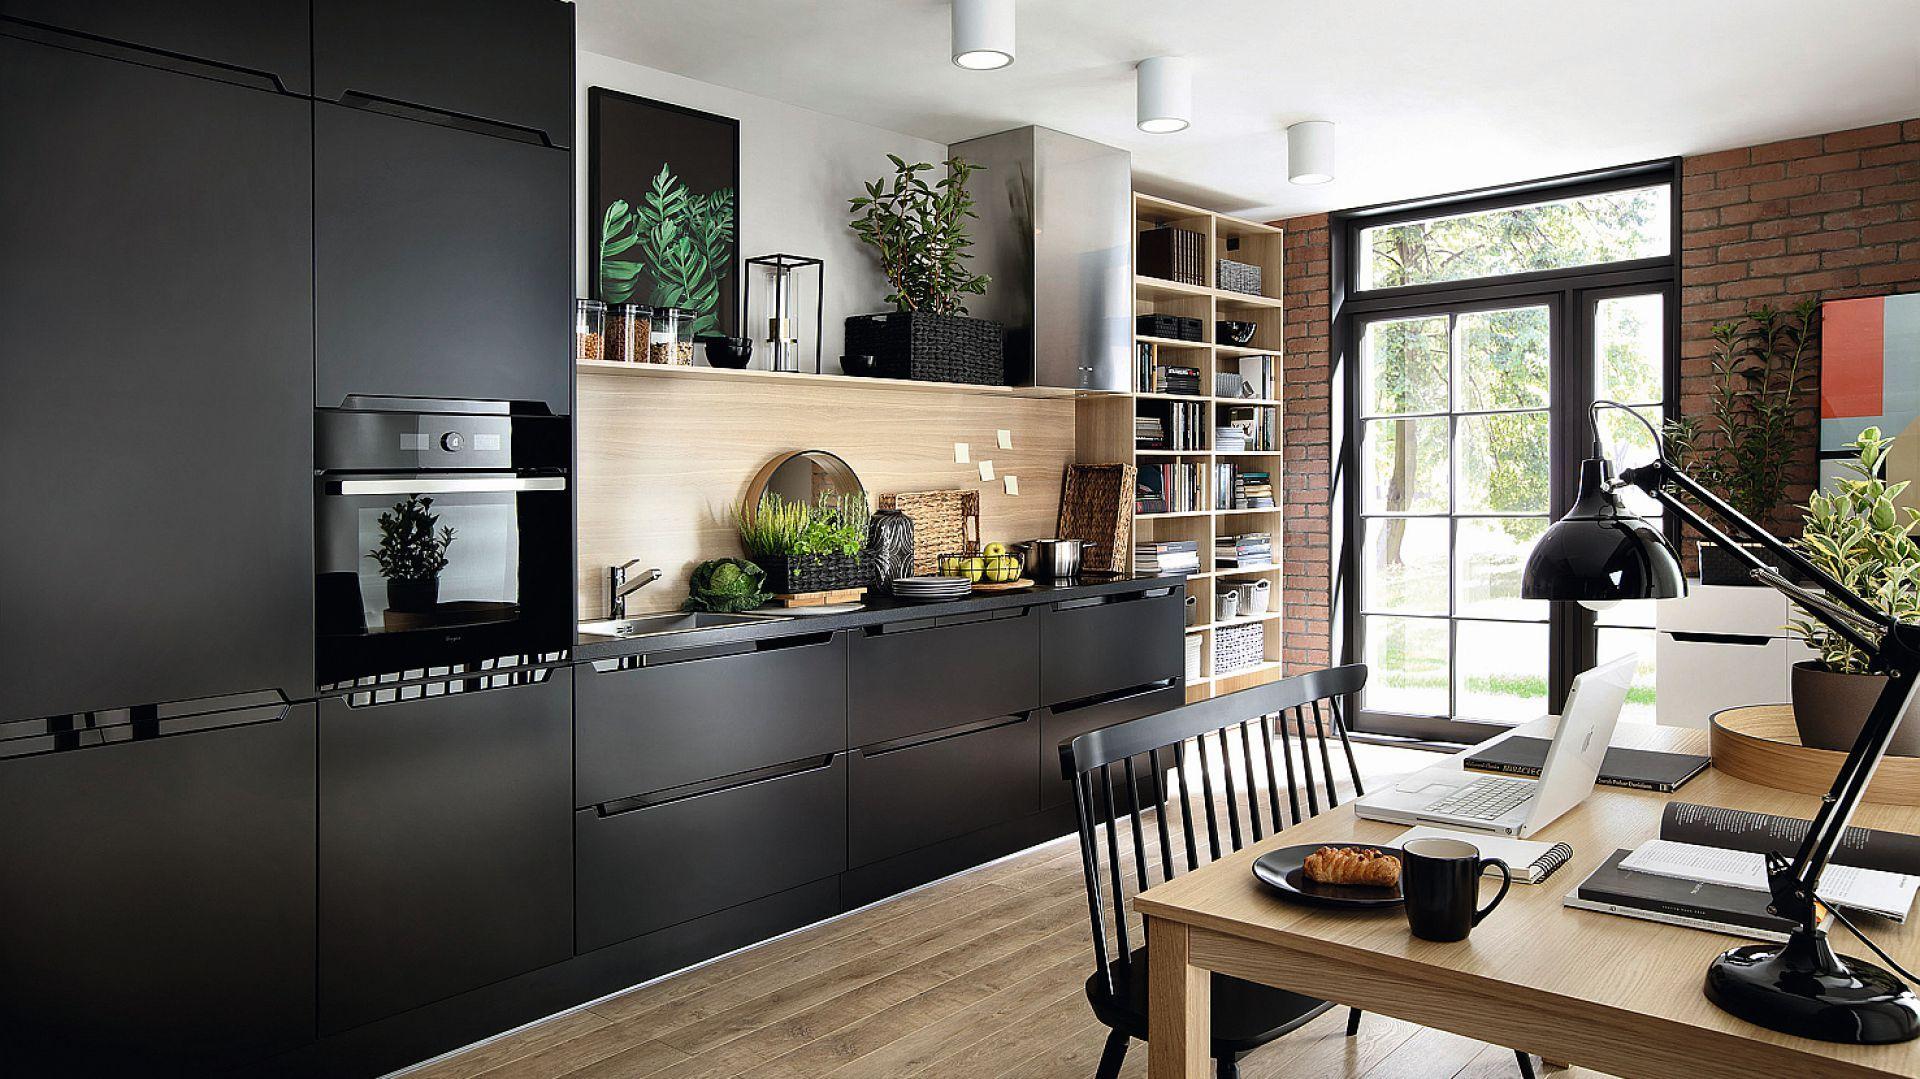 Meble Do Kuchni 12 Kolekcji W Ciemnych Kolorach Home Home Decor Kitchen Design